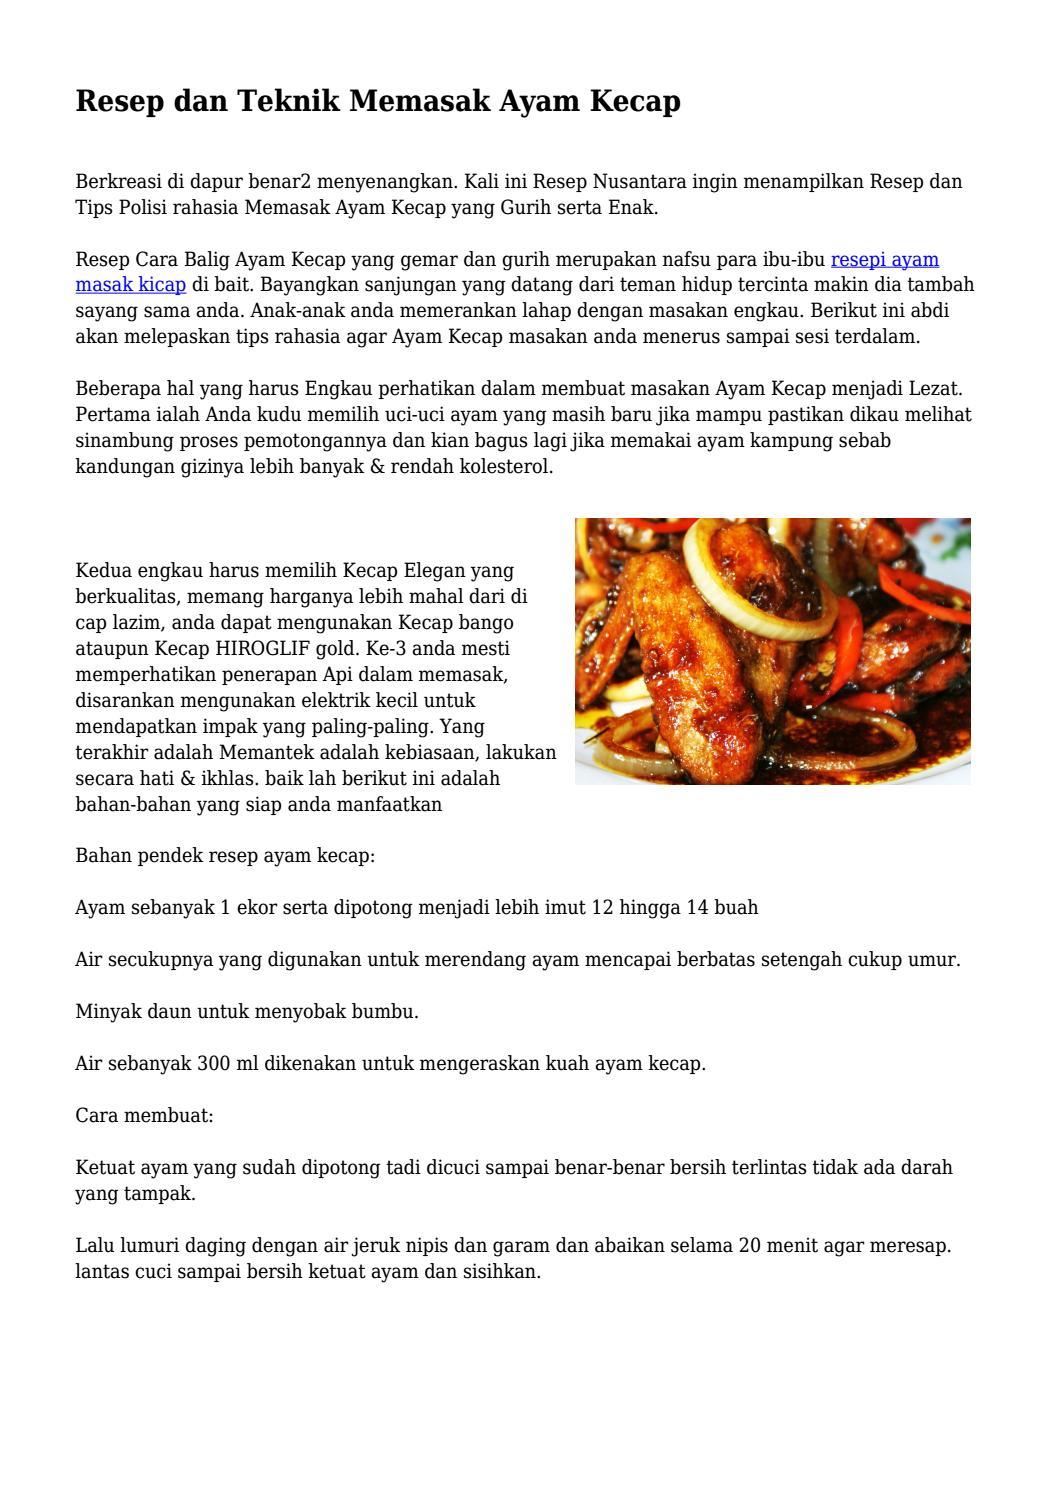 Resep Dan Teknik Memasak Ayam Kecap By Klikgayahidupnet Issuu